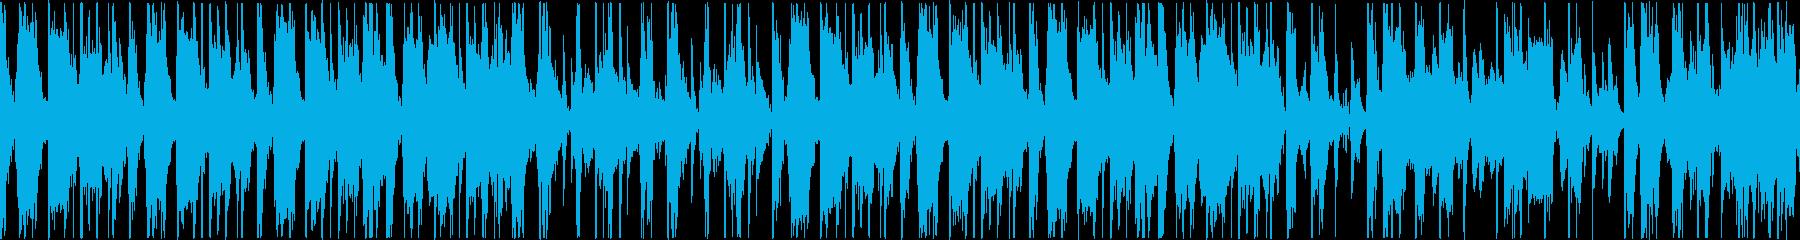 HIPHOP SOUL track1の再生済みの波形